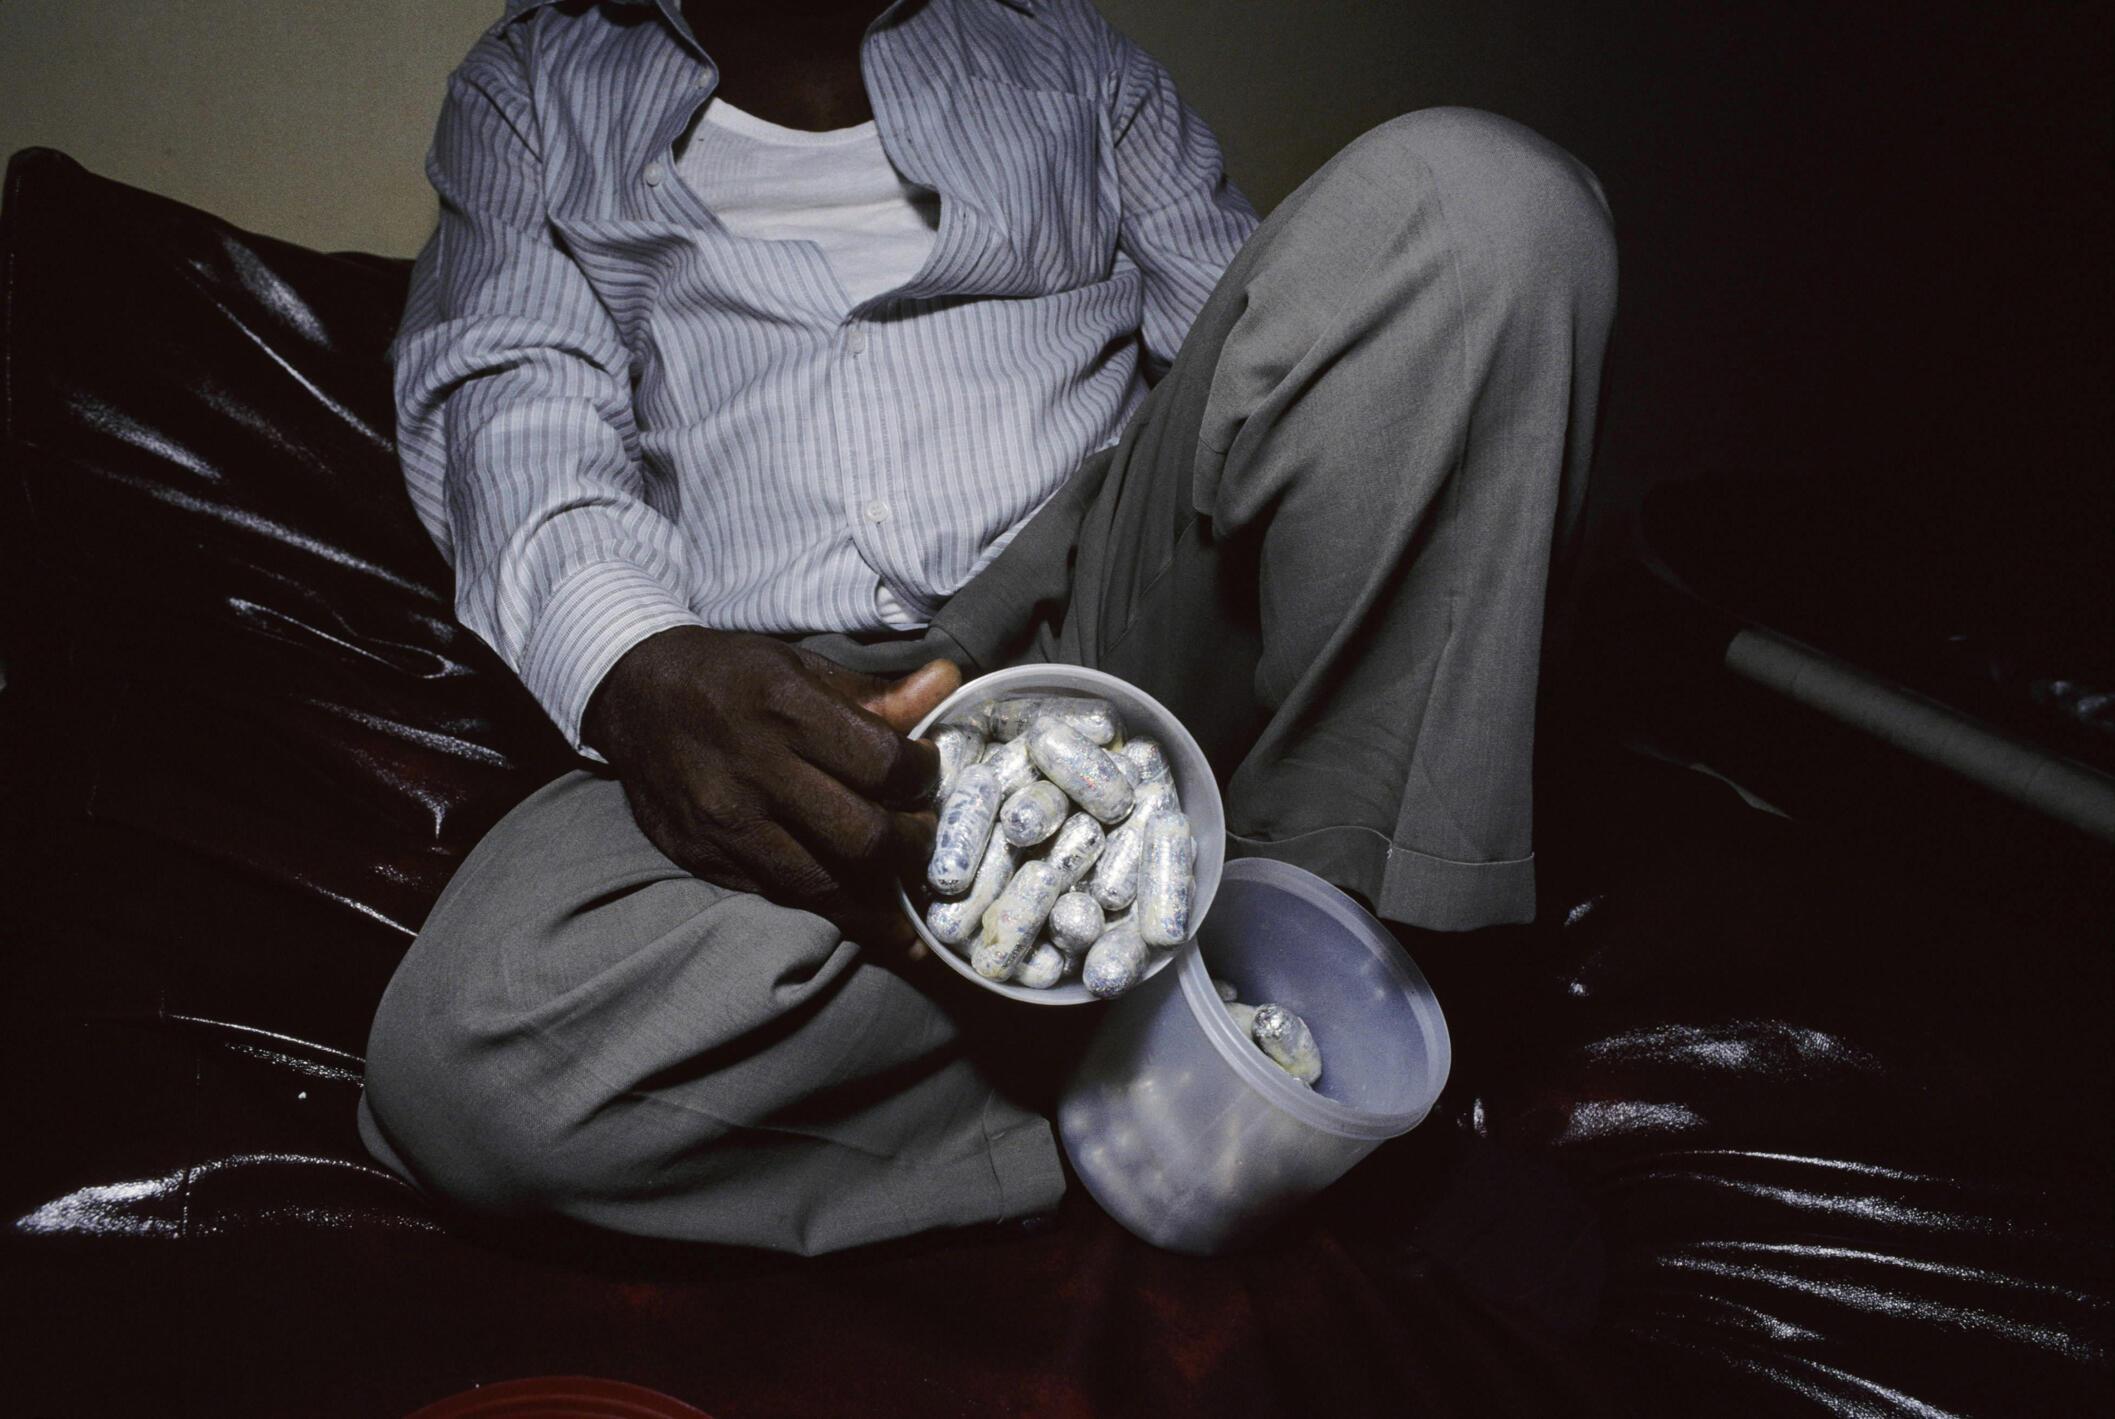 Un homme présente des capsules d'héroïne.